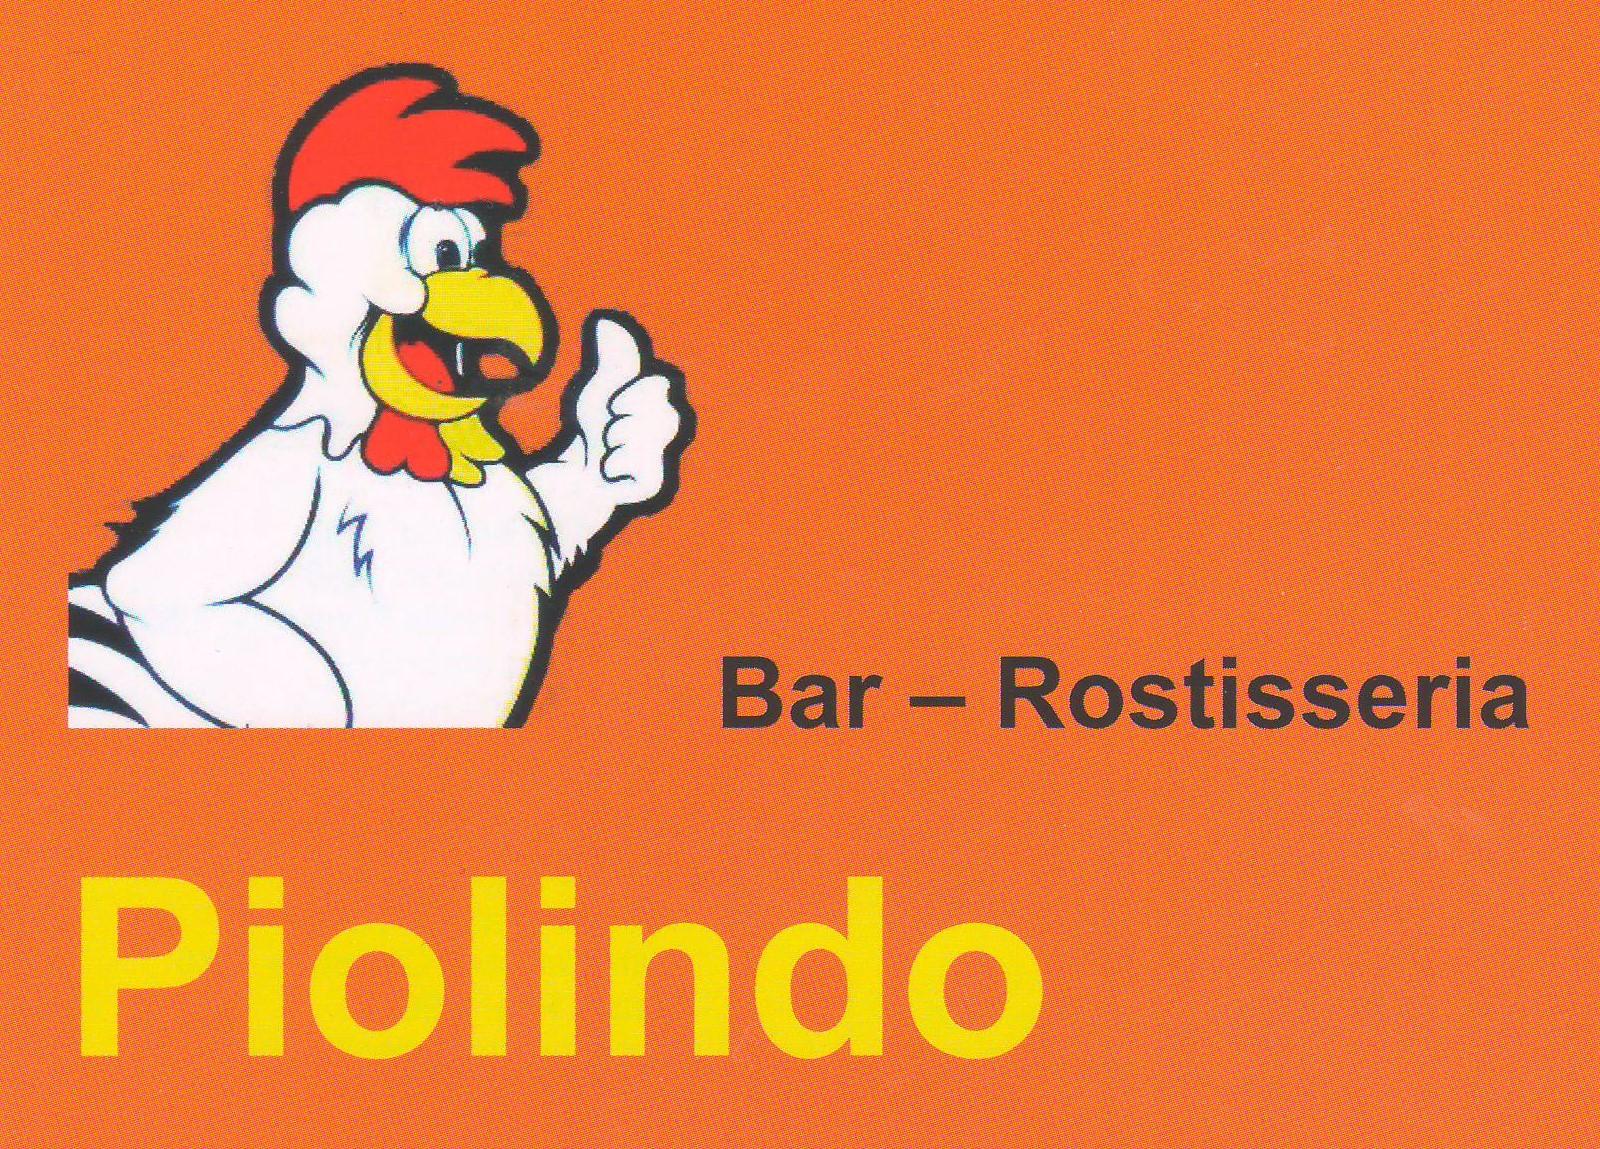 BAR ROSTISSERIA PIOLINDO